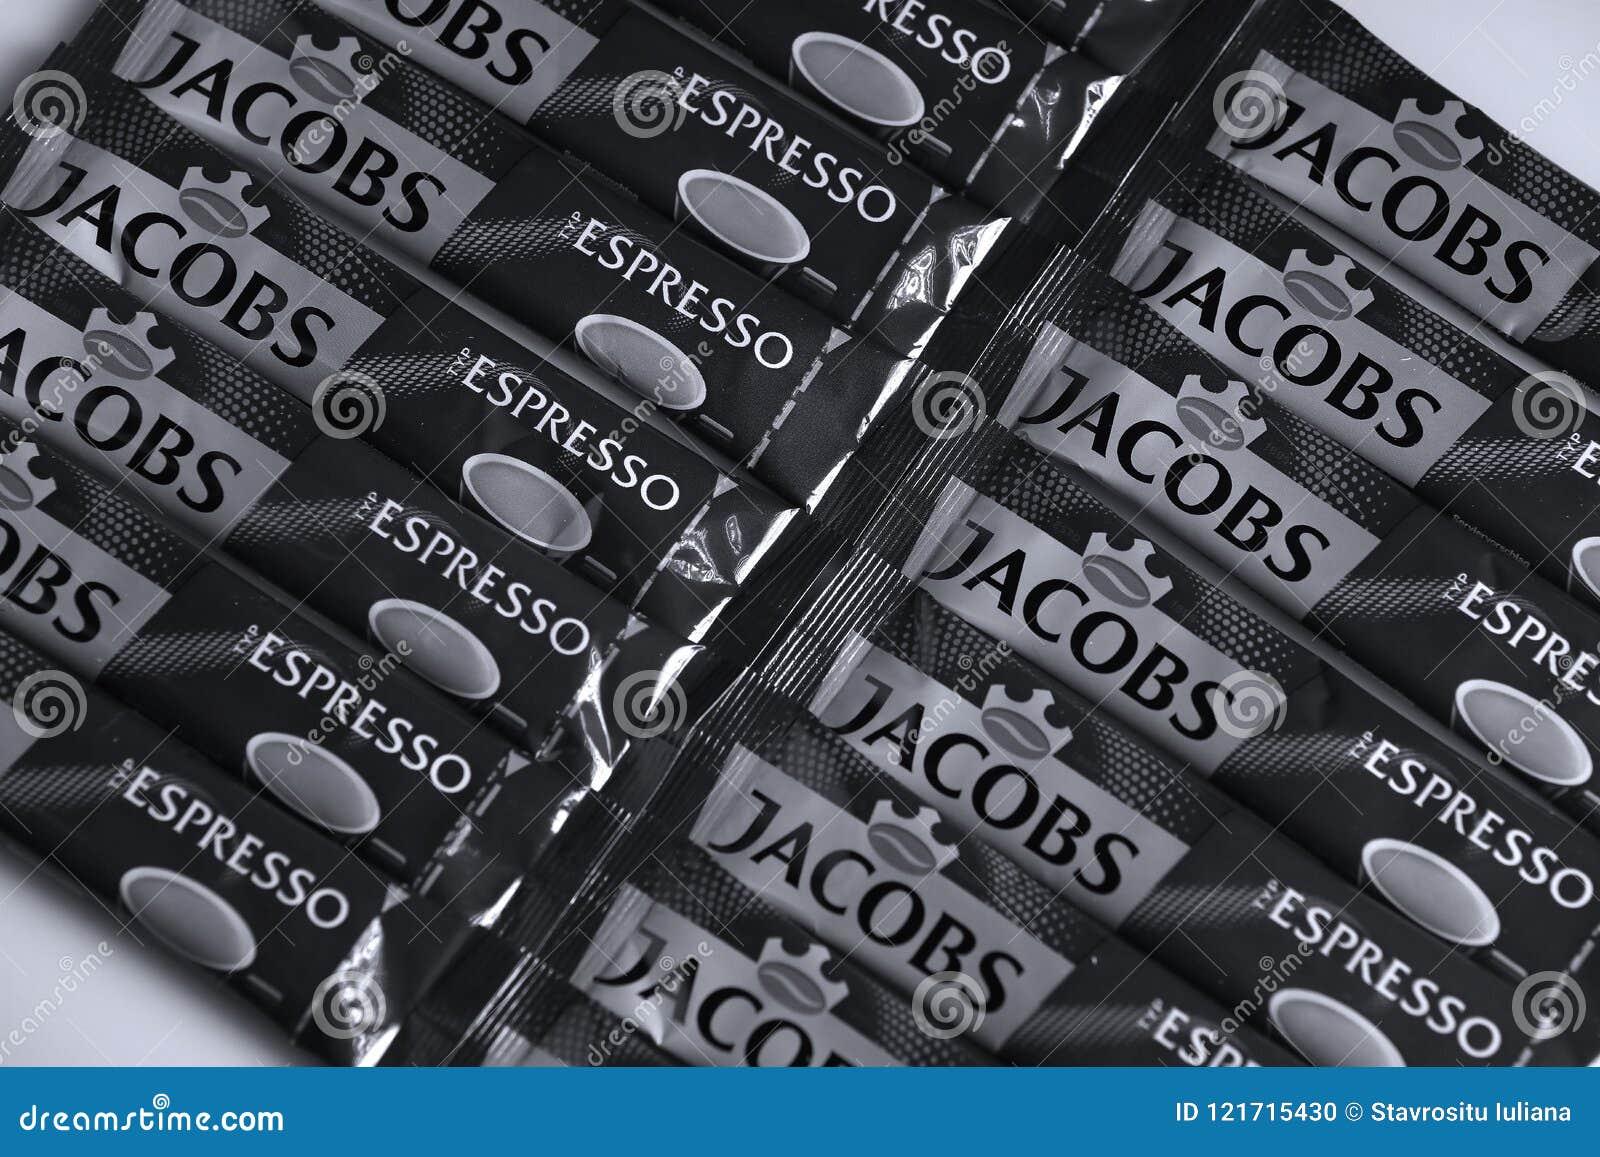 Jacobs espresso sticks